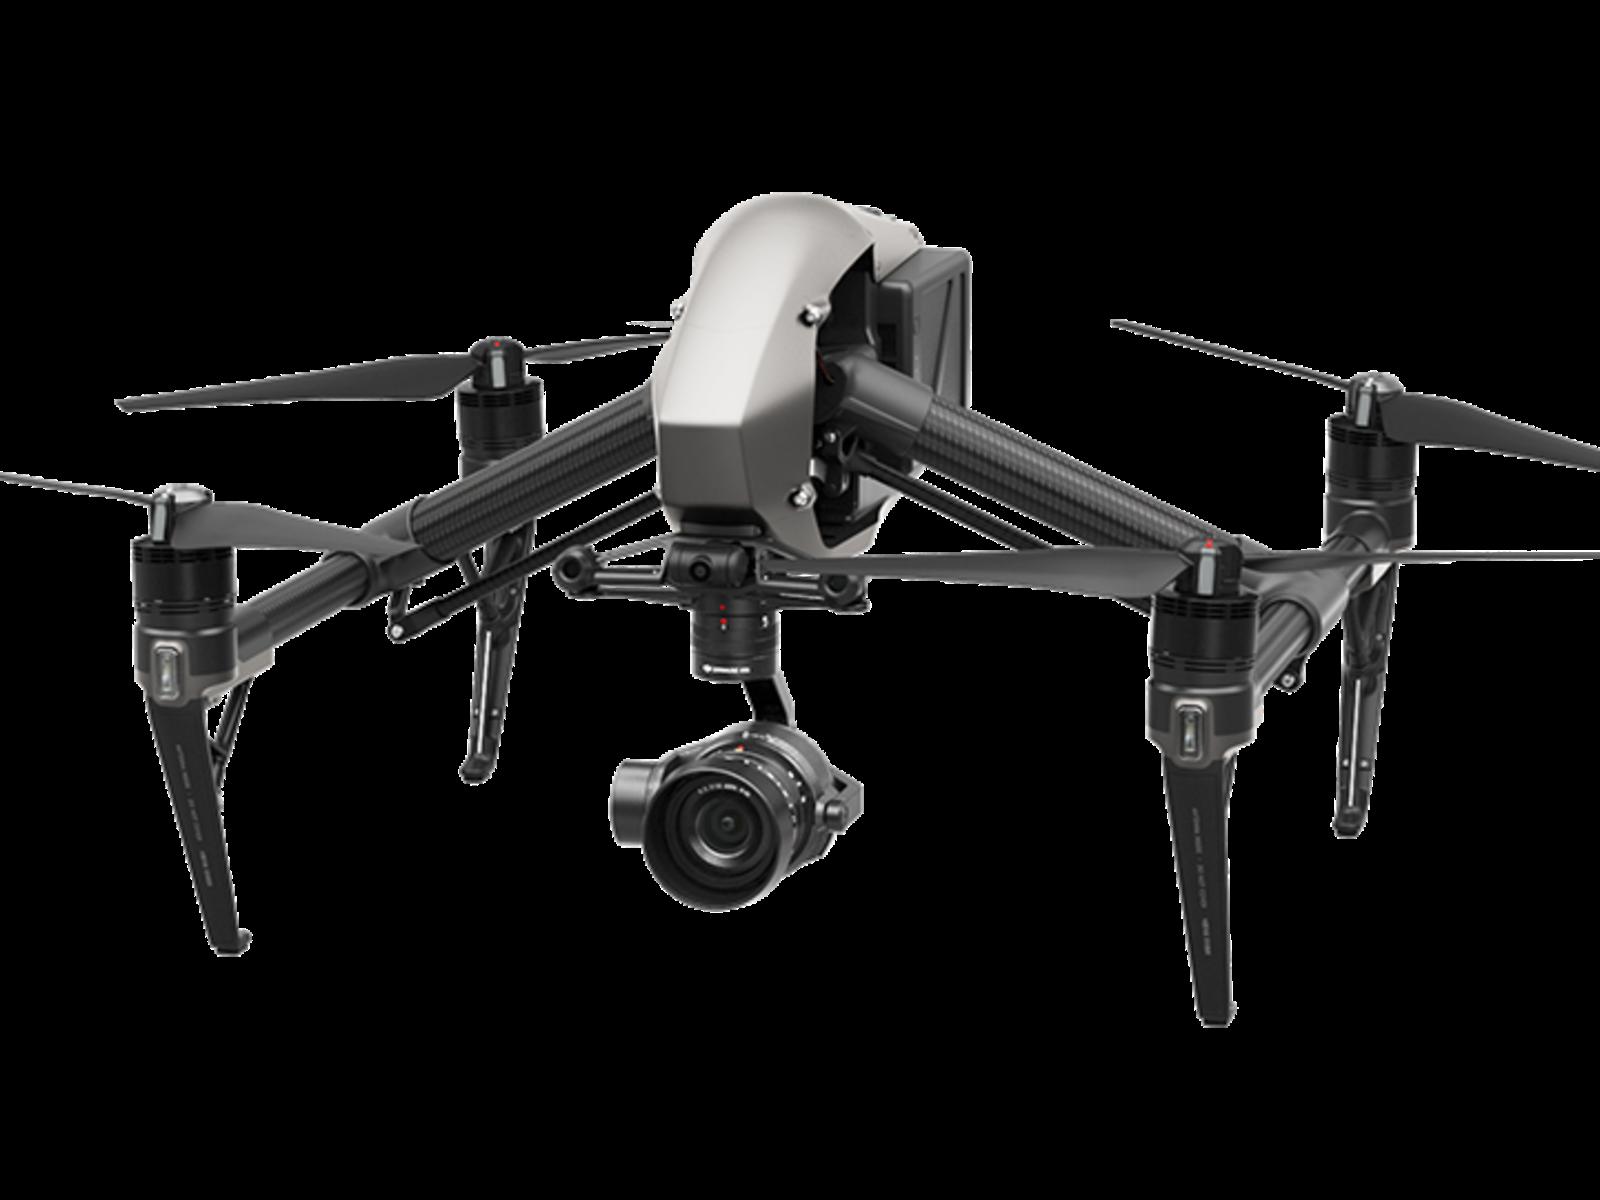 DJI Inspire 2 | Best Drones for photogrammetry